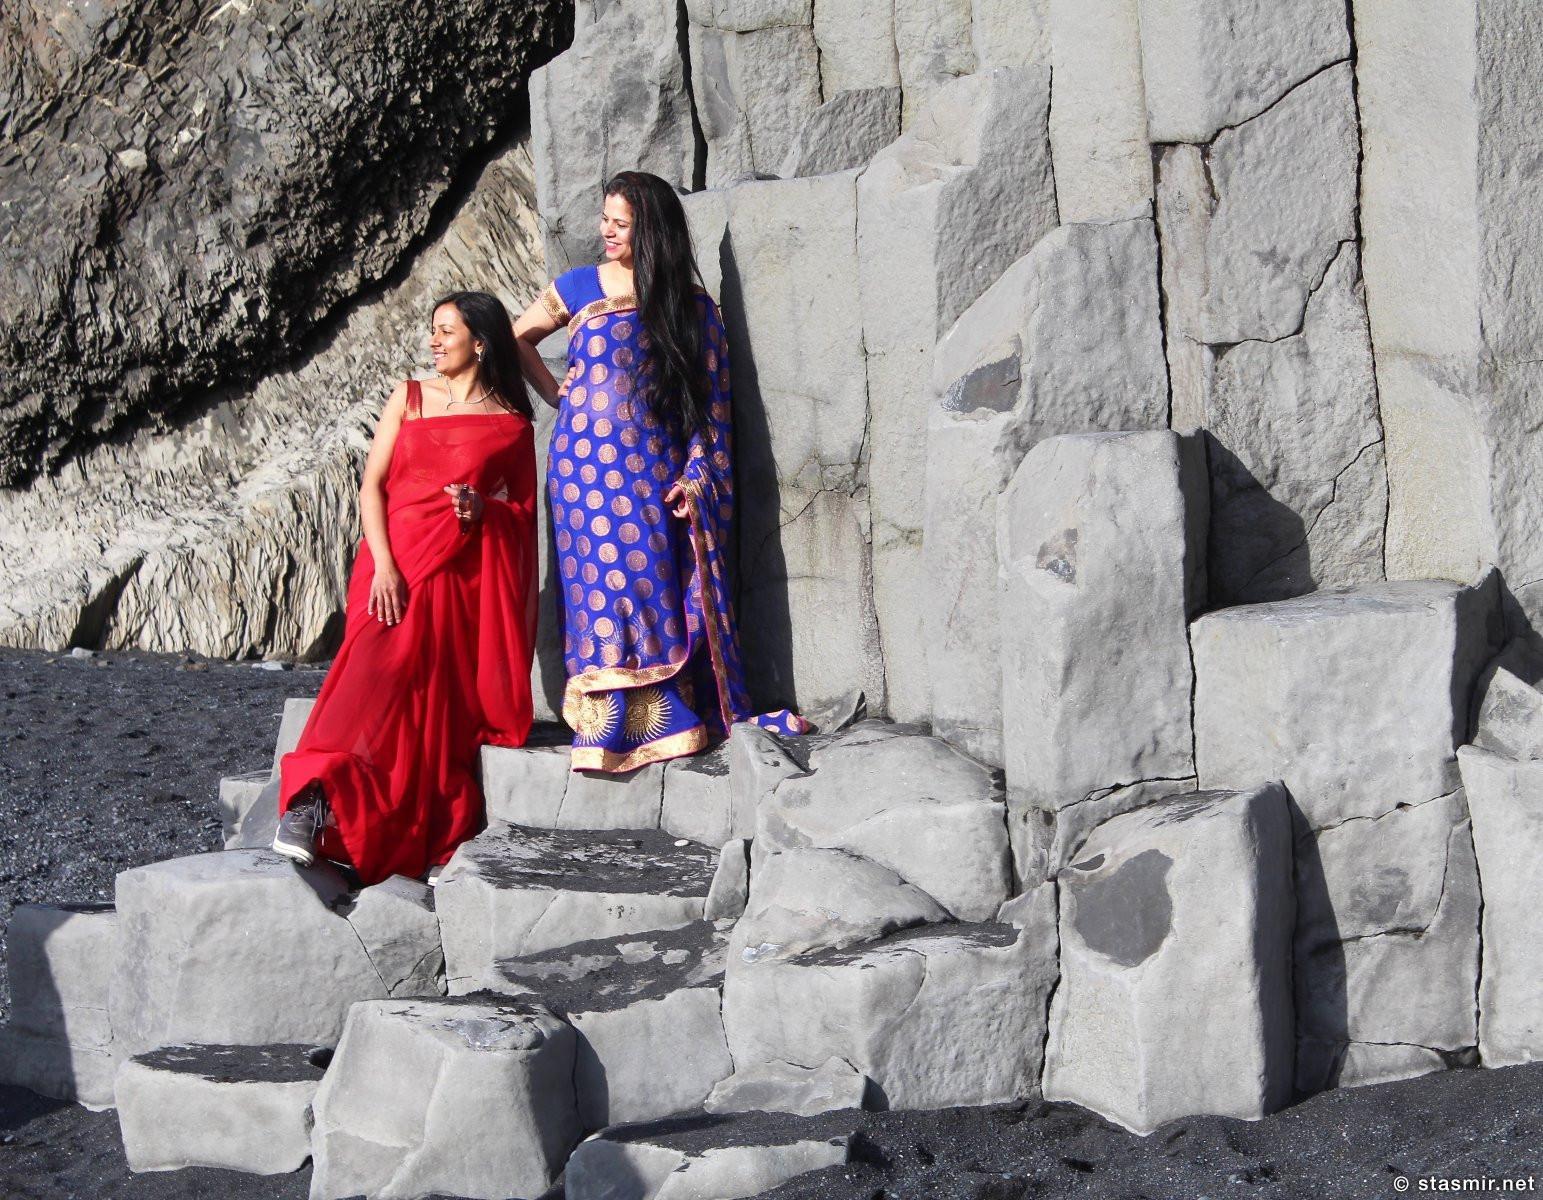 индийские дамы на базальтовых колоннах Рейнисфйаура, фото Стасмир, photo Stasmir